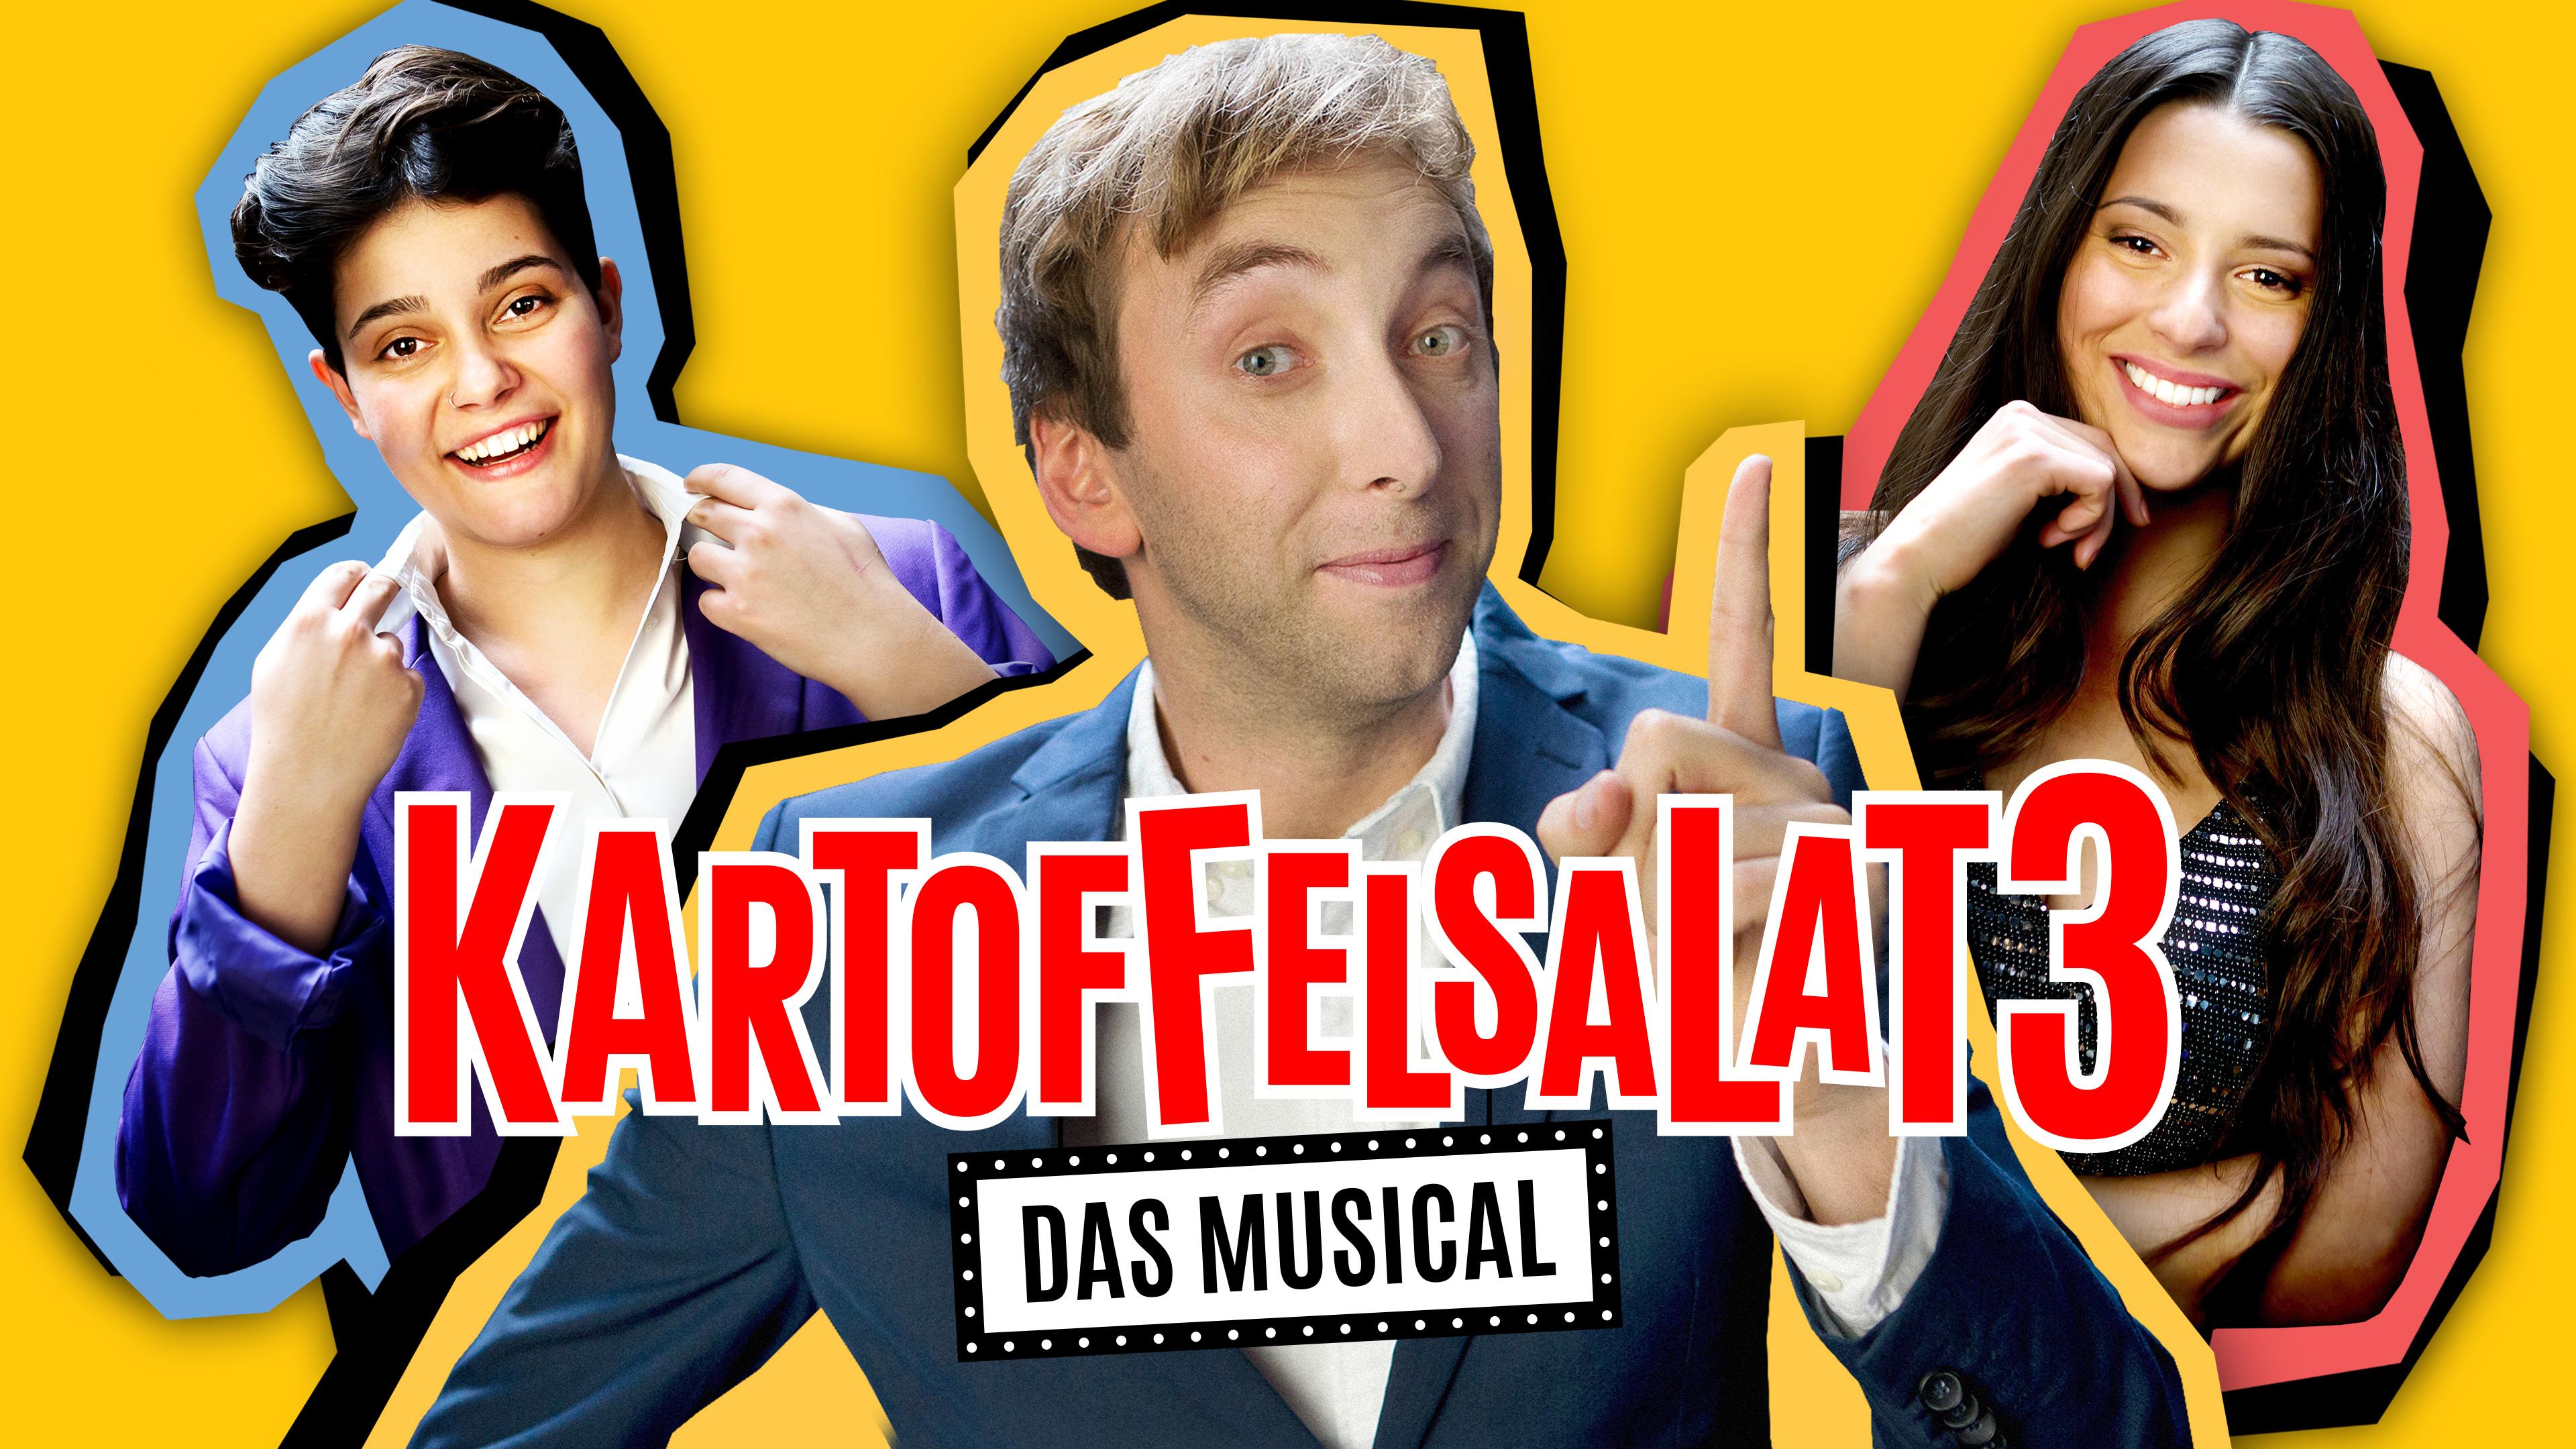 Kartoffelsalat 3: Das Musical